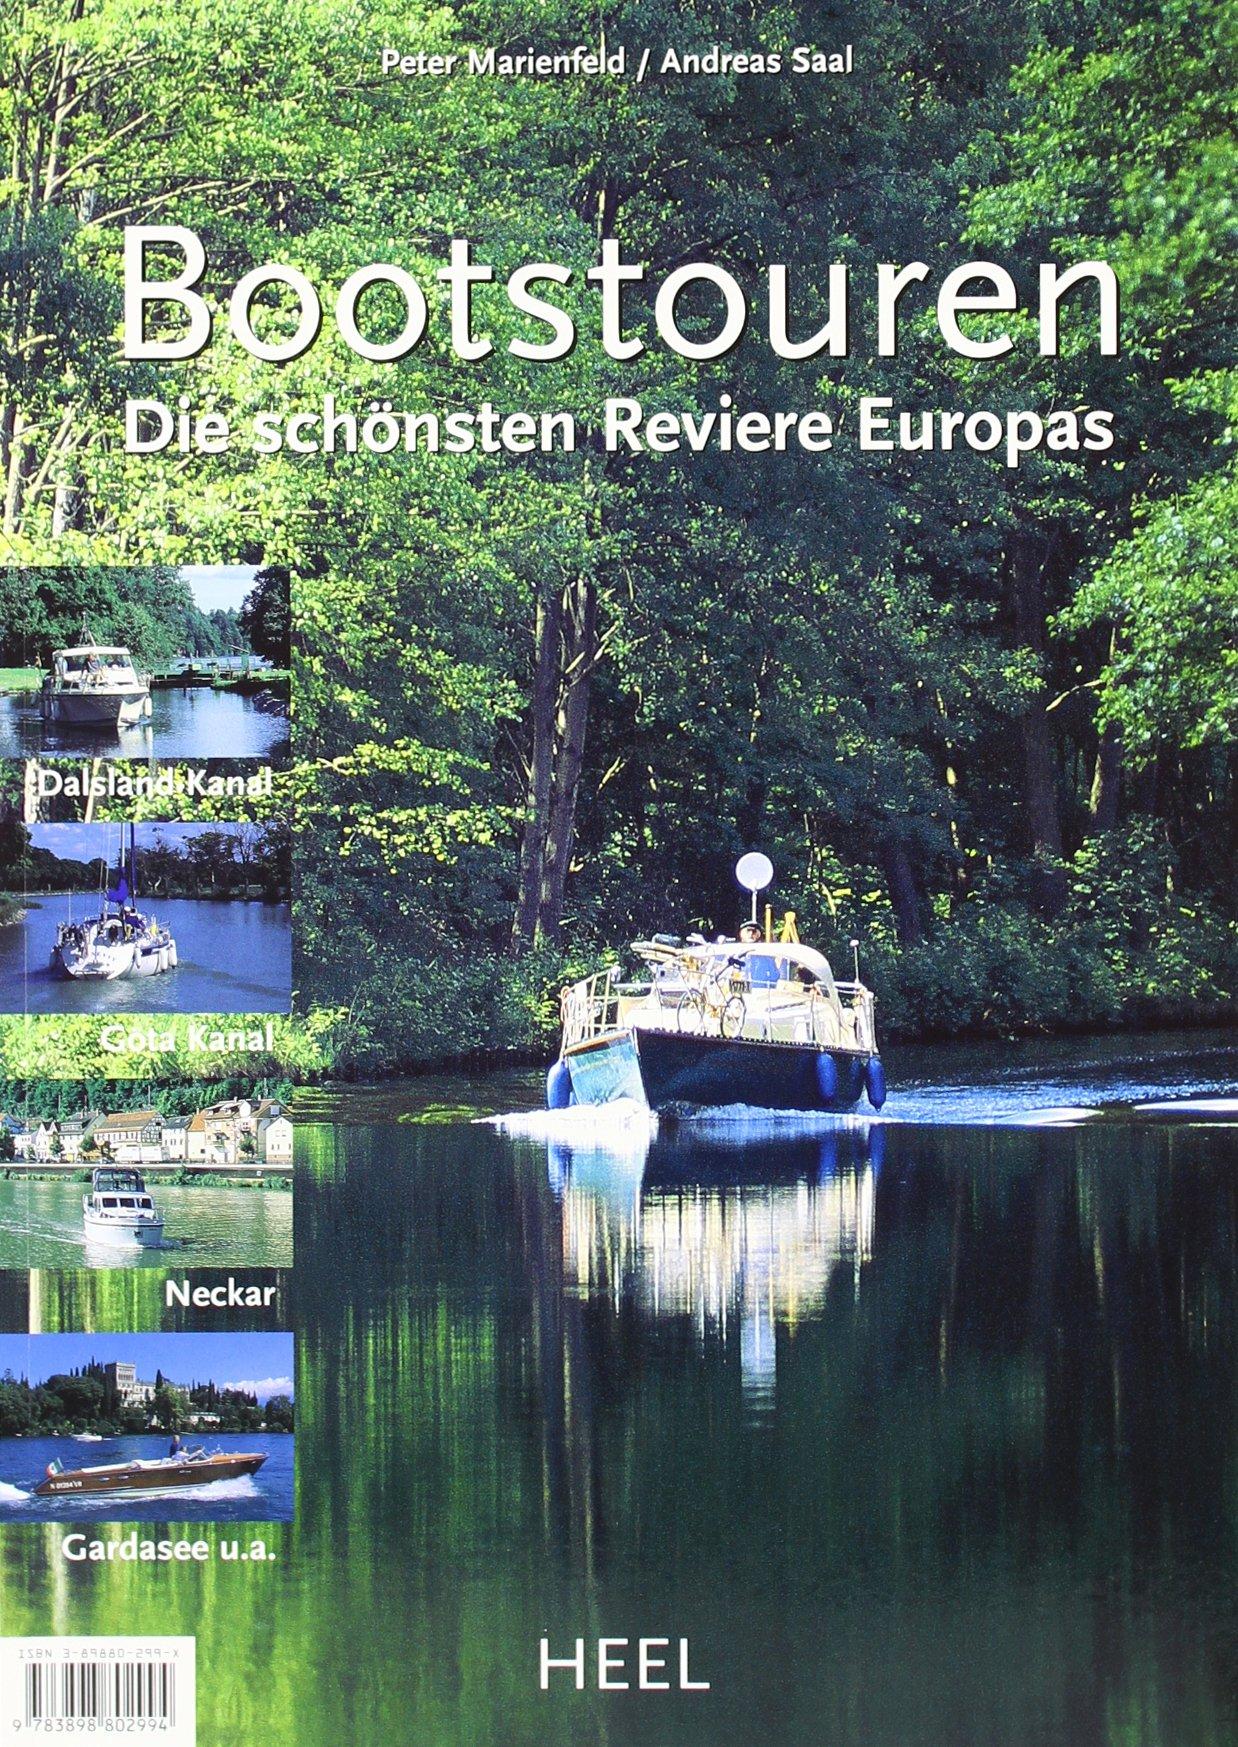 Bootstouren: Die schönsten Reviere Europas